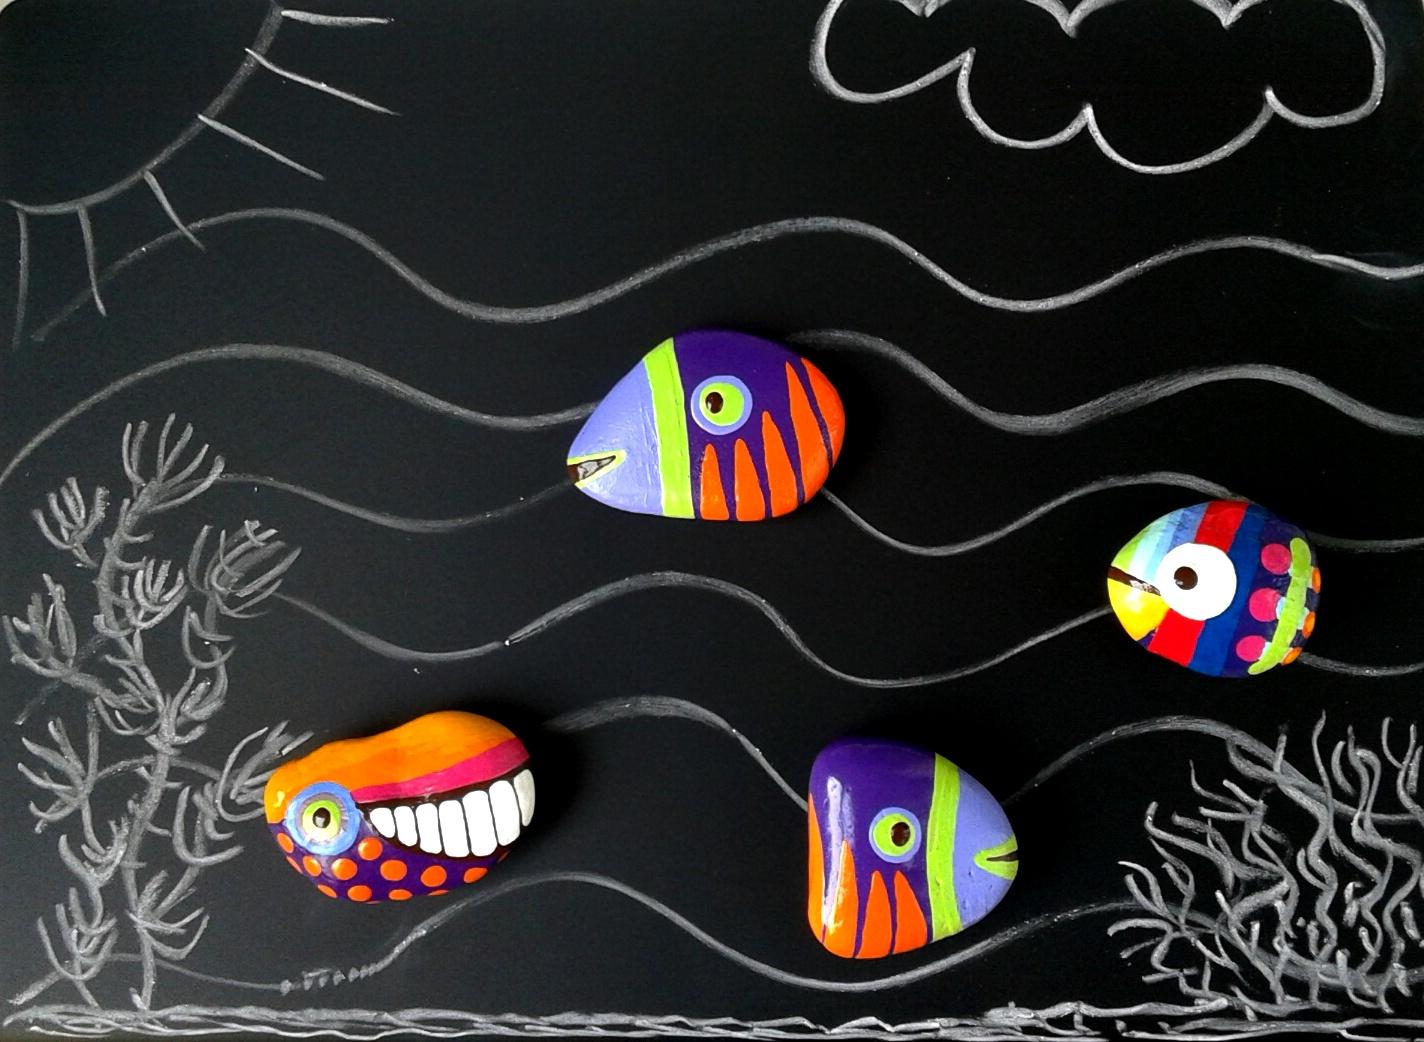 Rajzolható háttértábla halakkal és bálnával. A legkreatívabbaknak.